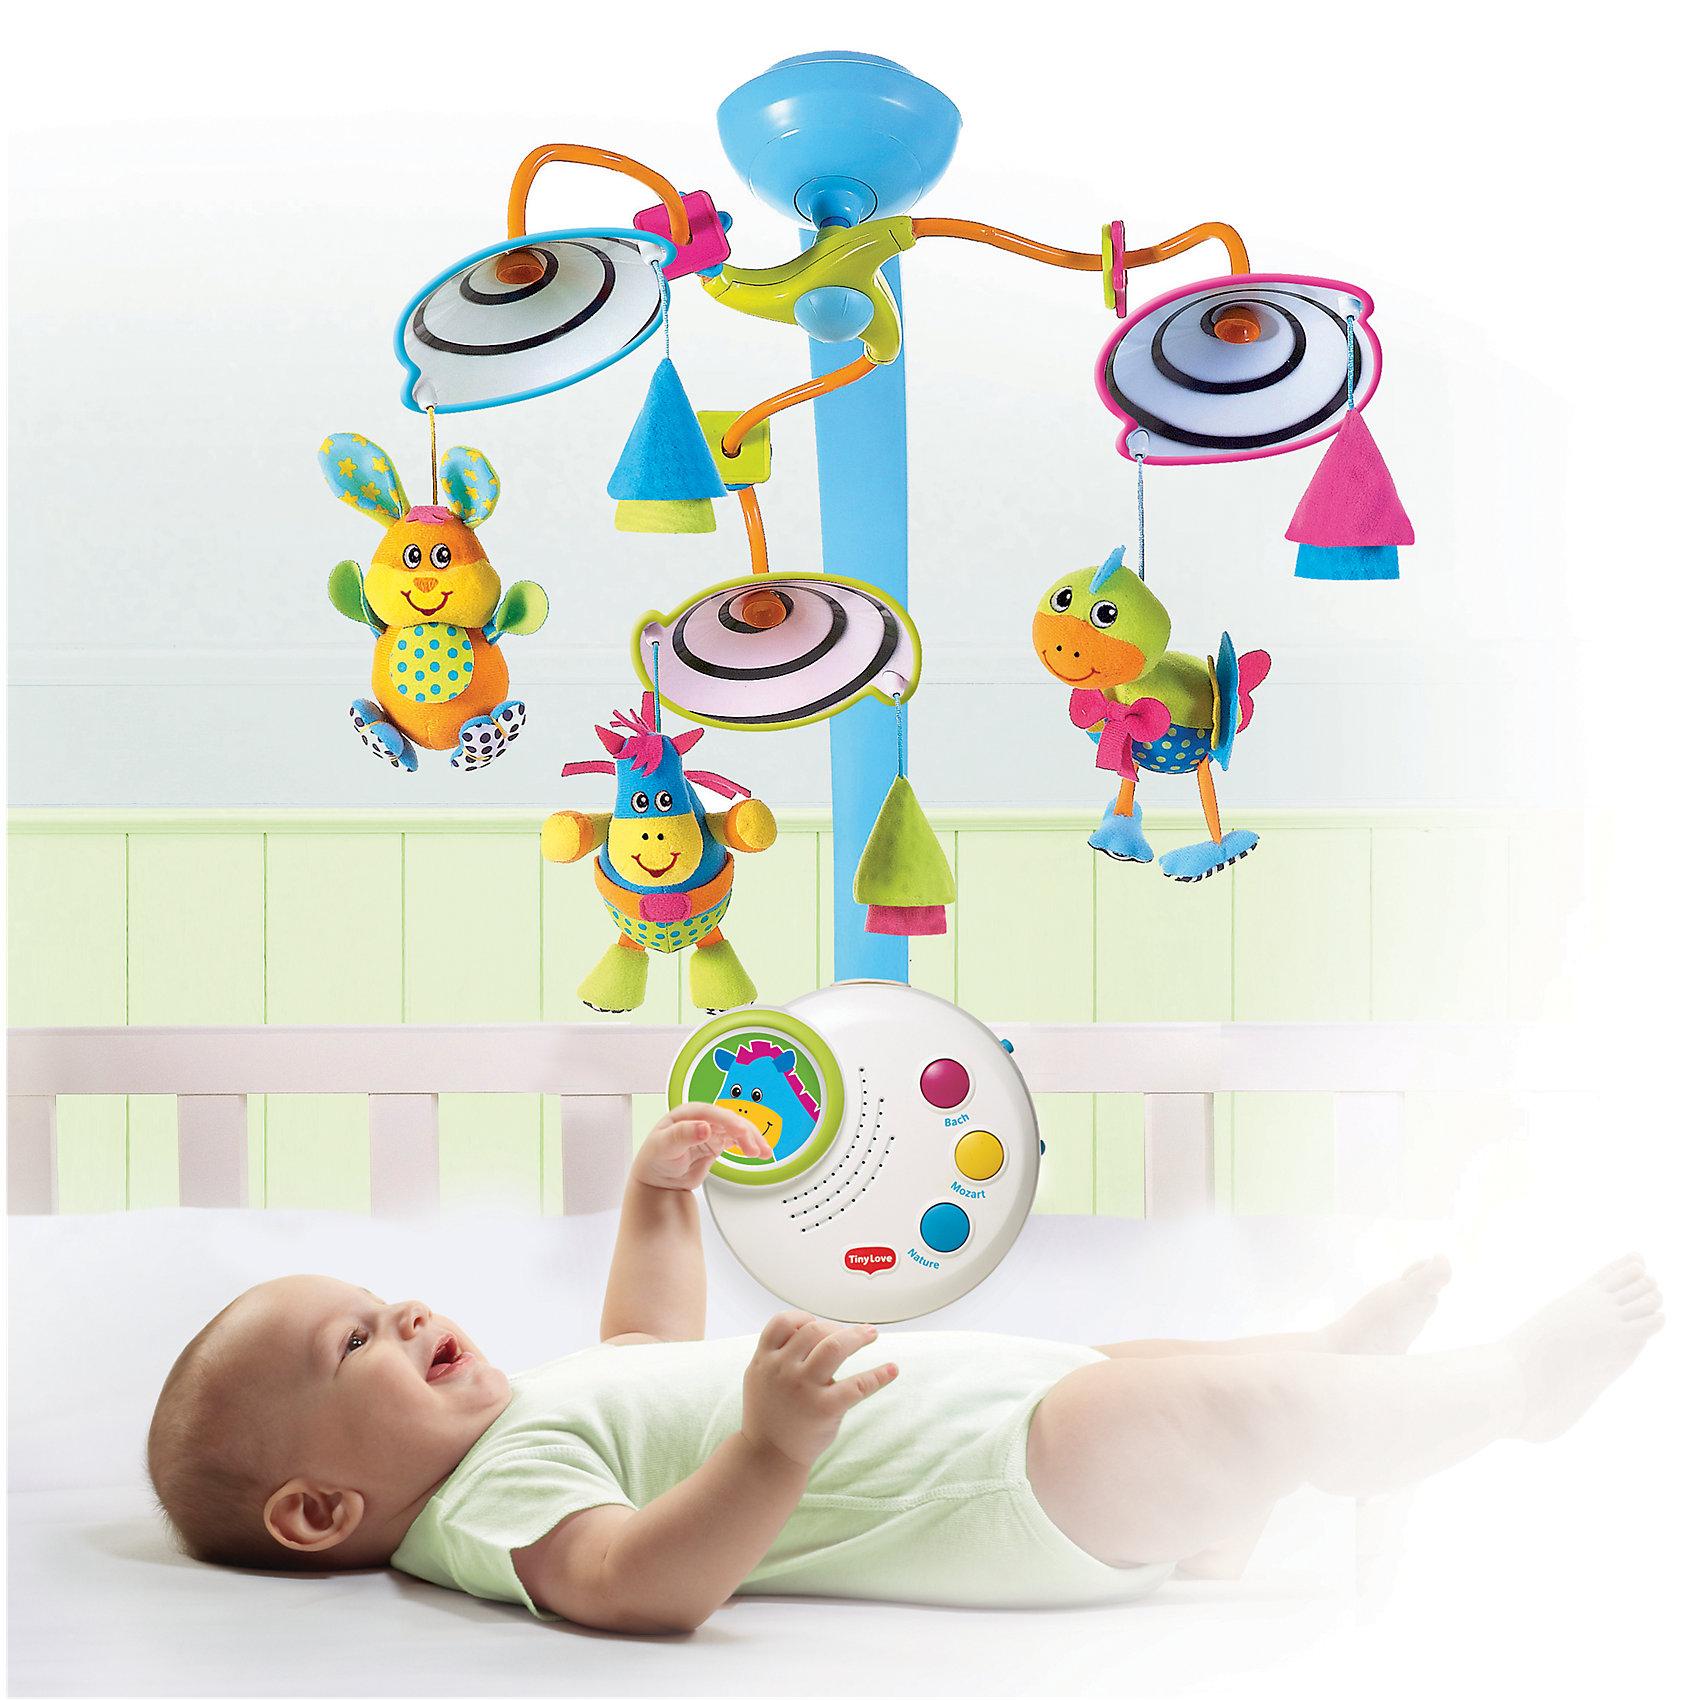 Классический мобиль, Tiny LoveМобили<br>Классический мобиль от Tiny Love создан опытными разработчиками Tiny Love с учетом психологии и физиологических особенностей маленького ребенка. <br>Удобный блок-пульт управления легко крепится на кроватку,  крутящийся игровой модуль с игрушками находится над головой ребенка. Мобиль состоит из трех «веточек», на конце каждой – цветной зонтик (салатовый, розовый, голубой). Внутри зонтиков - черно-белая спираль, которая способствует развитию умения сосредоточиться и сфокусировать взгляд. Три веселых зверушки: зайка, лошадка, уточка – могут быть использованы отдельно - повесьте их на развивающую дугу или коляску, малышу не придется расставаться с любимыми друзьями нигде.<br>Блок управления содержит кнопки регулировки громкости, а также полностью беззвучный режим. На панели управления располагается фигурка лошадки, представляющая собой ночник со спокойным голубым свечением. Все детали мобиля выполнены из высококачественных материалов, в производстве которых использованы только гипоаллергенные, нетоксичные красители безопасные для детей. <br><br>Дополнительная информация:<br><br>- Материал:<br>- Размер упаковки: 41 х 12 х 34,5 см. <br>- 7 режимов работы:<br>1. включено: вращение под нежную музыку Баха, Моцарта или звуки живой природы - до 20 минут проигрывания мелодии;<br>2. беззвучное вращение игрушек (без ночника, музыки);<br>3. вращение игрушек только под музыку;<br>4. вращение игрушку только под свет ночника;<br>5. использование только освещения;<br>6. проигрывание только мелодий;<br>7. музыка+ночник без вращения.<br>- 3 классических мелодии (общая продолжительность 20 мин).<br>- Надежно крепится. <br>- Элемент питания: 3 батарейки типа C (LR14) ( в комплект не входят).<br><br>Классический мобиль, Tiny Love, можно купить в нашем магазине.<br><br>Ширина мм: 413<br>Глубина мм: 347<br>Высота мм: 126<br>Вес г: 1592<br>Возраст от месяцев: 0<br>Возраст до месяцев: 24<br>Пол: Унисекс<br>Возраст: Детский<br>SKU: 4238452